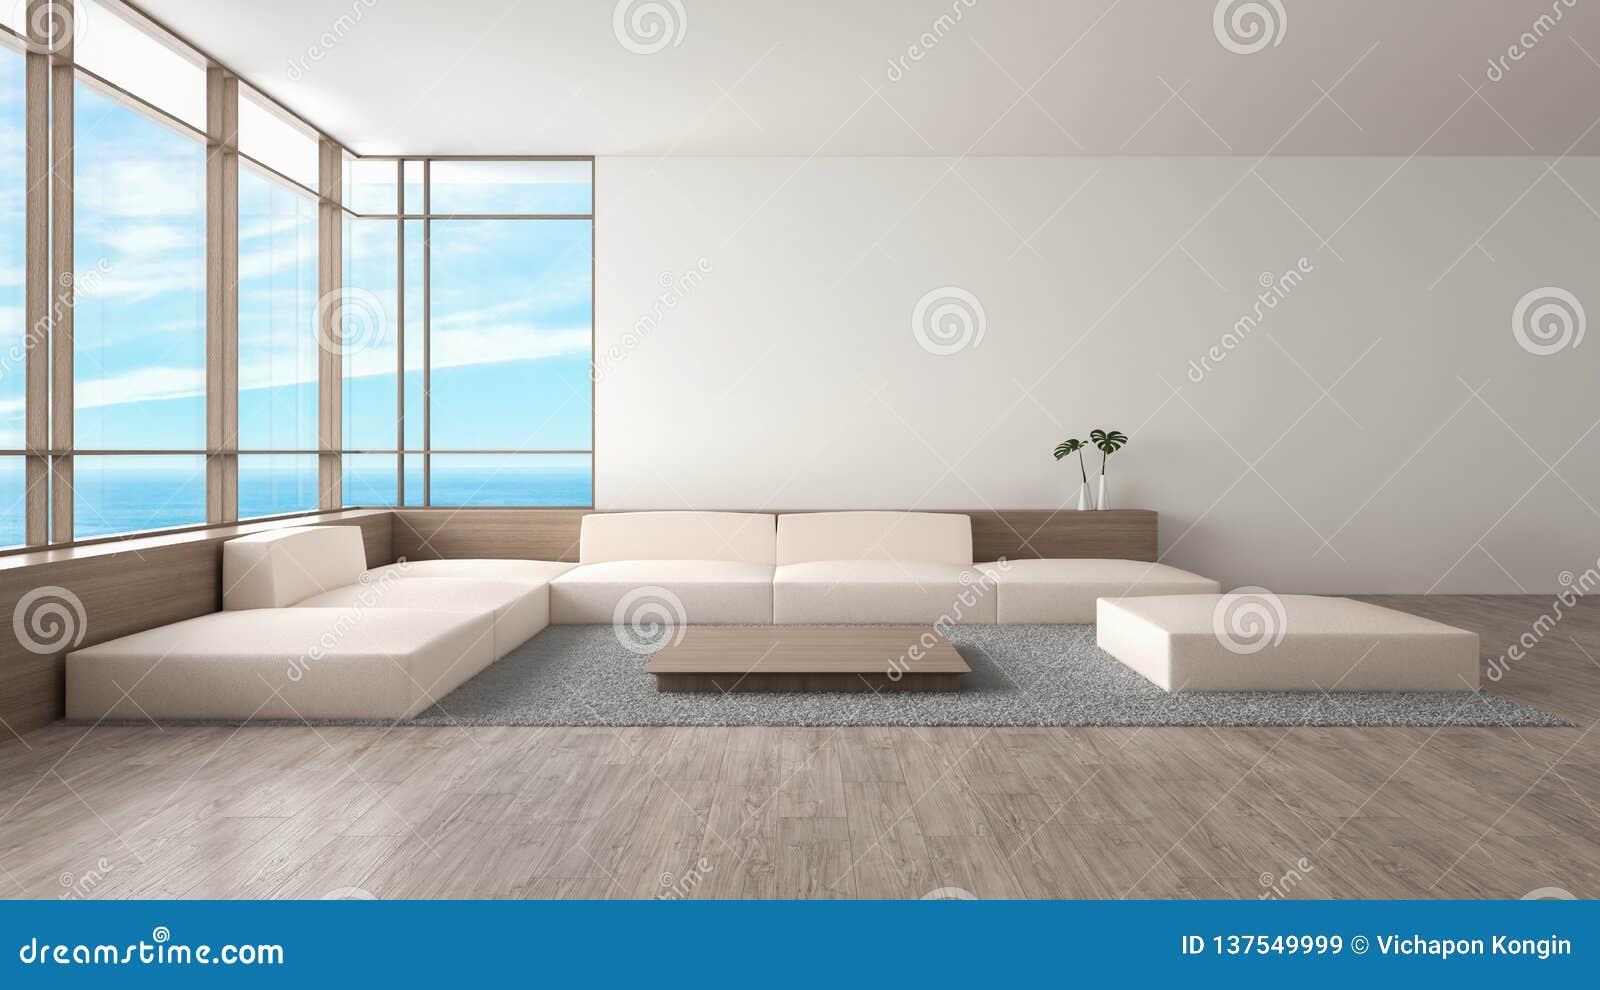 Modernes Innenwohnzimmerholzfußbodensofa stellte Wiedergabe des Seeansichtsommers 3d ein